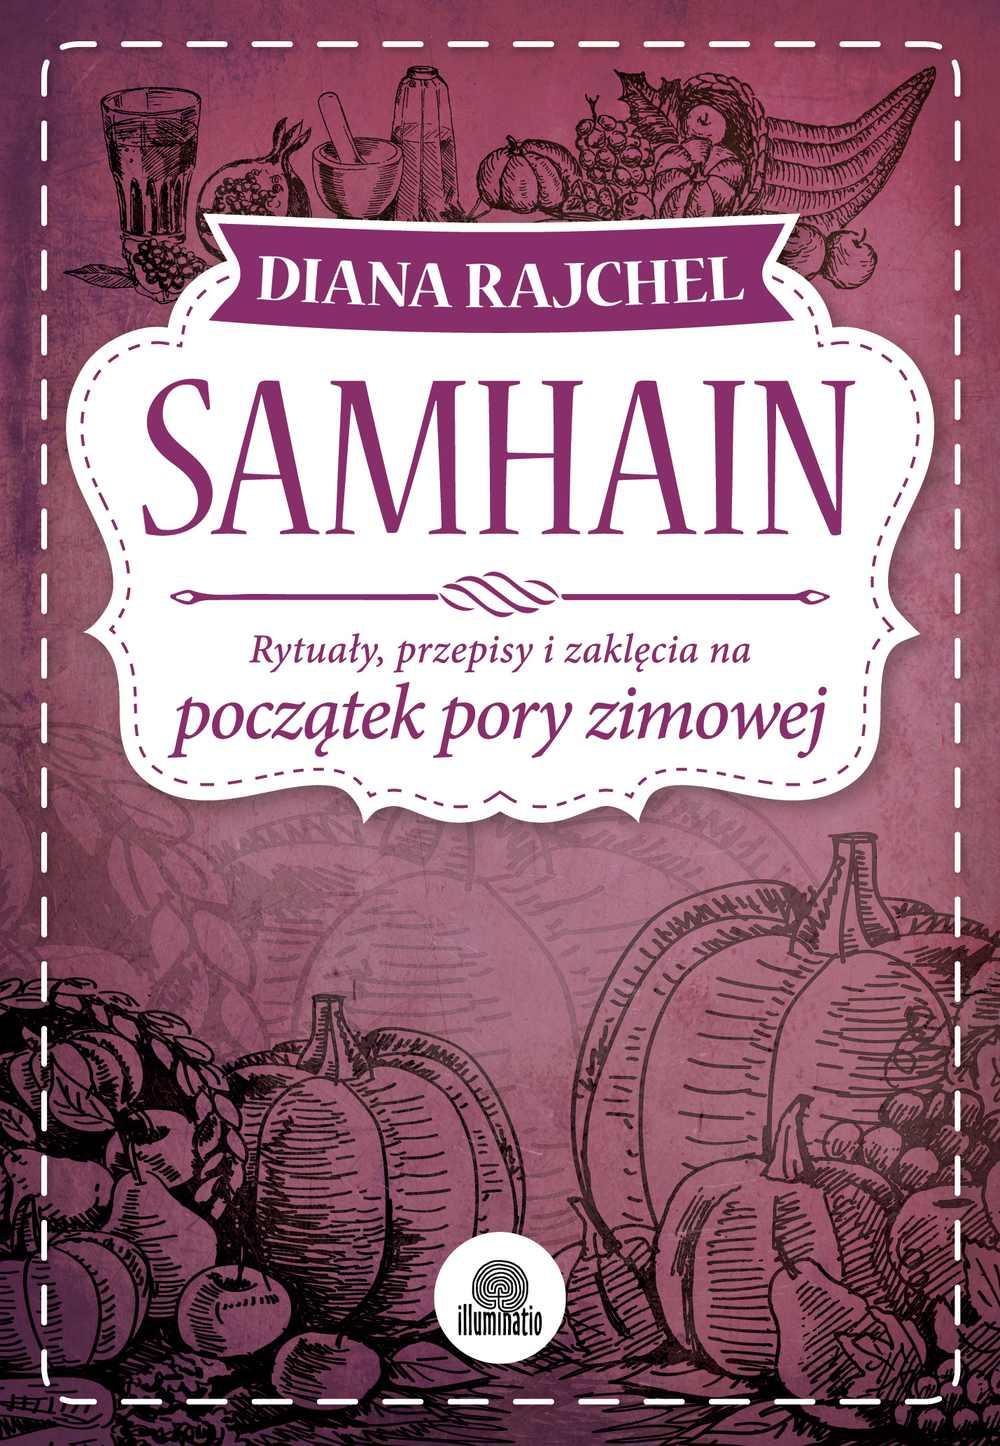 Samhain. Rytuały, przepisy i zaklęcia na początek pory zimowej - Ebook (Książka EPUB) do pobrania w formacie EPUB